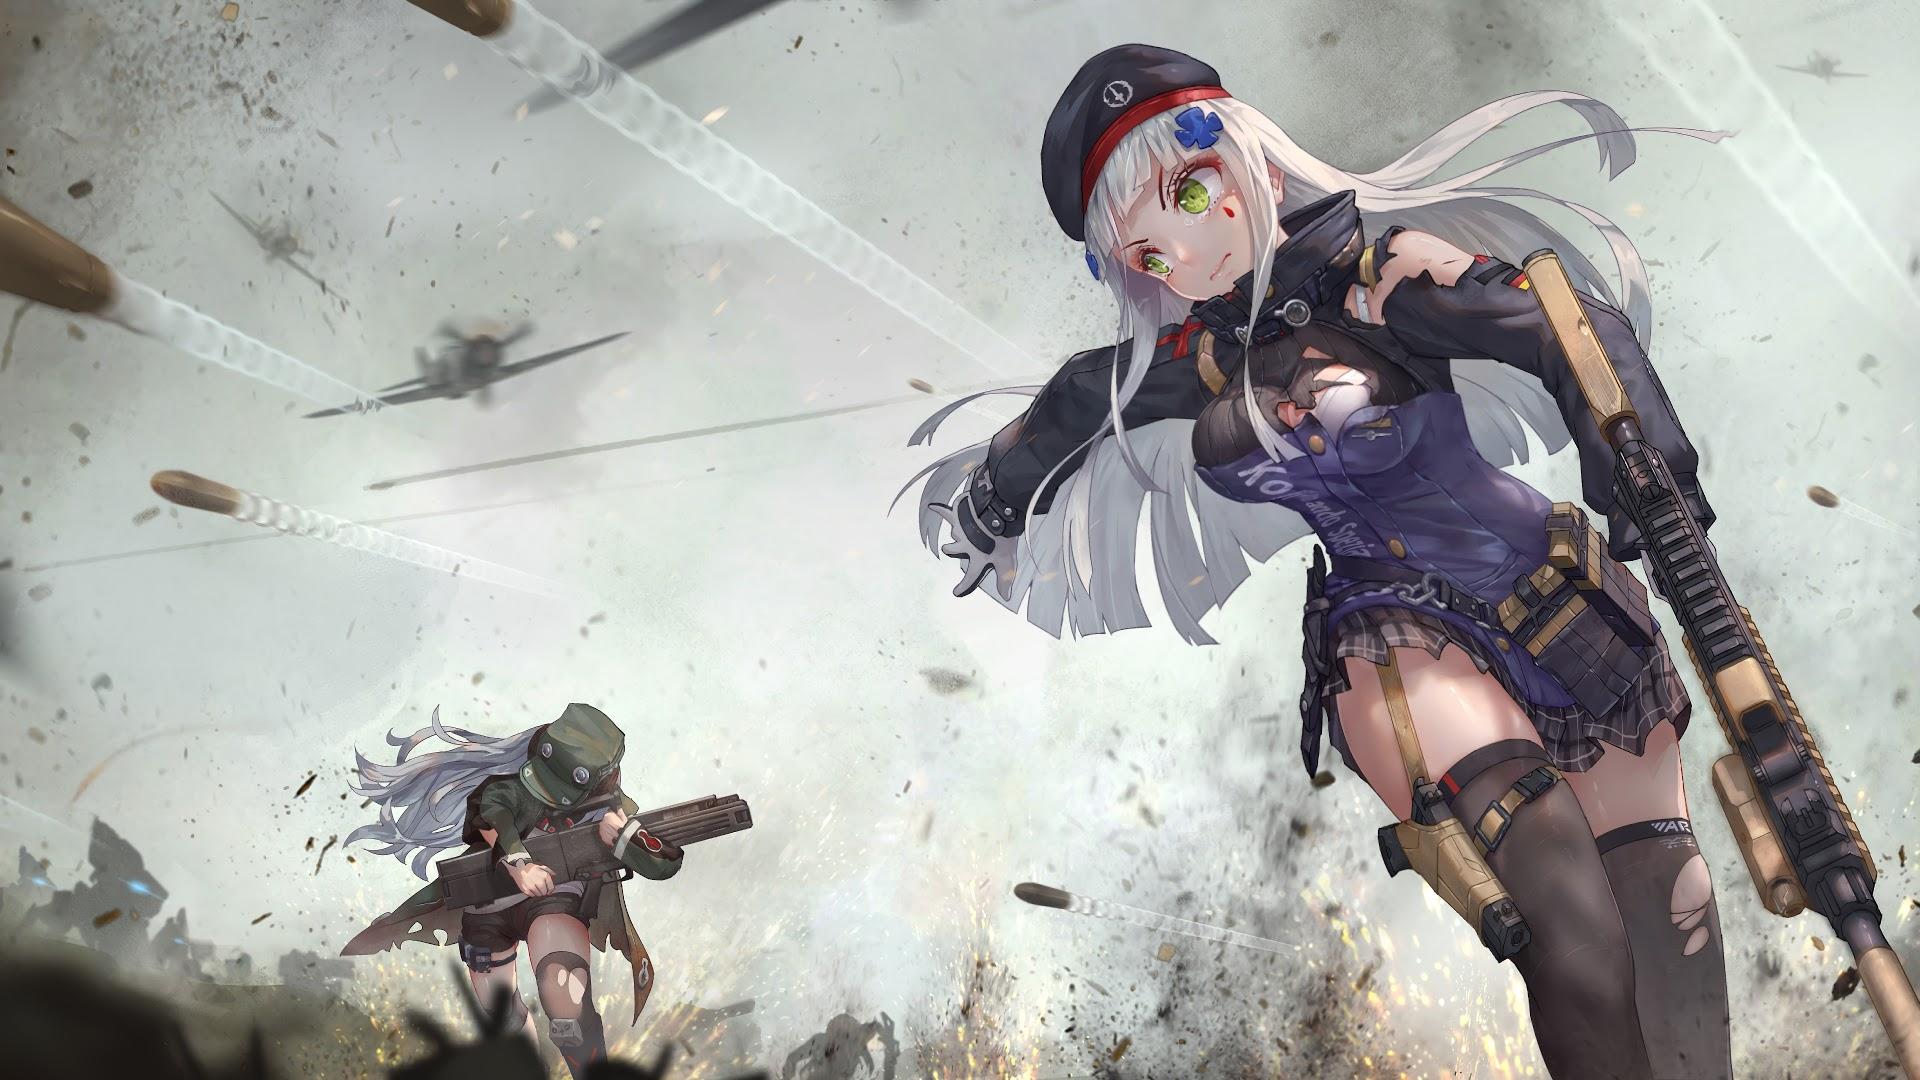 Anime, Girl, Soldier, Rifle, 4k, - Anime Girl In Battle - HD Wallpaper